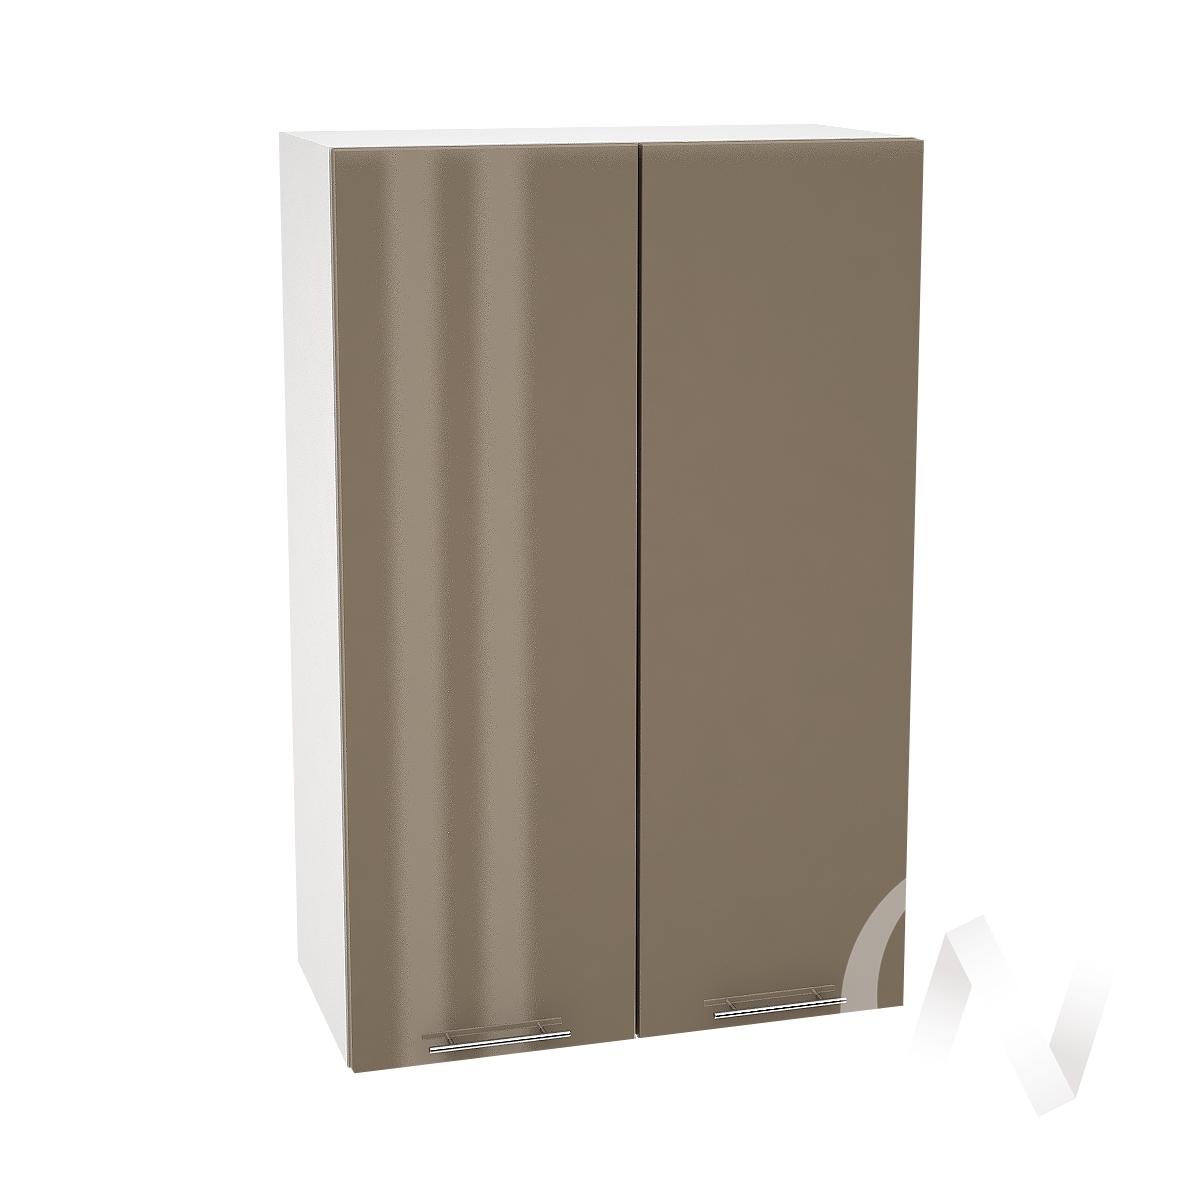 """Кухня """"Валерия-М"""": Шкаф верхний 609, ШВ 609 новый (Капучино глянец/корпус белый)"""